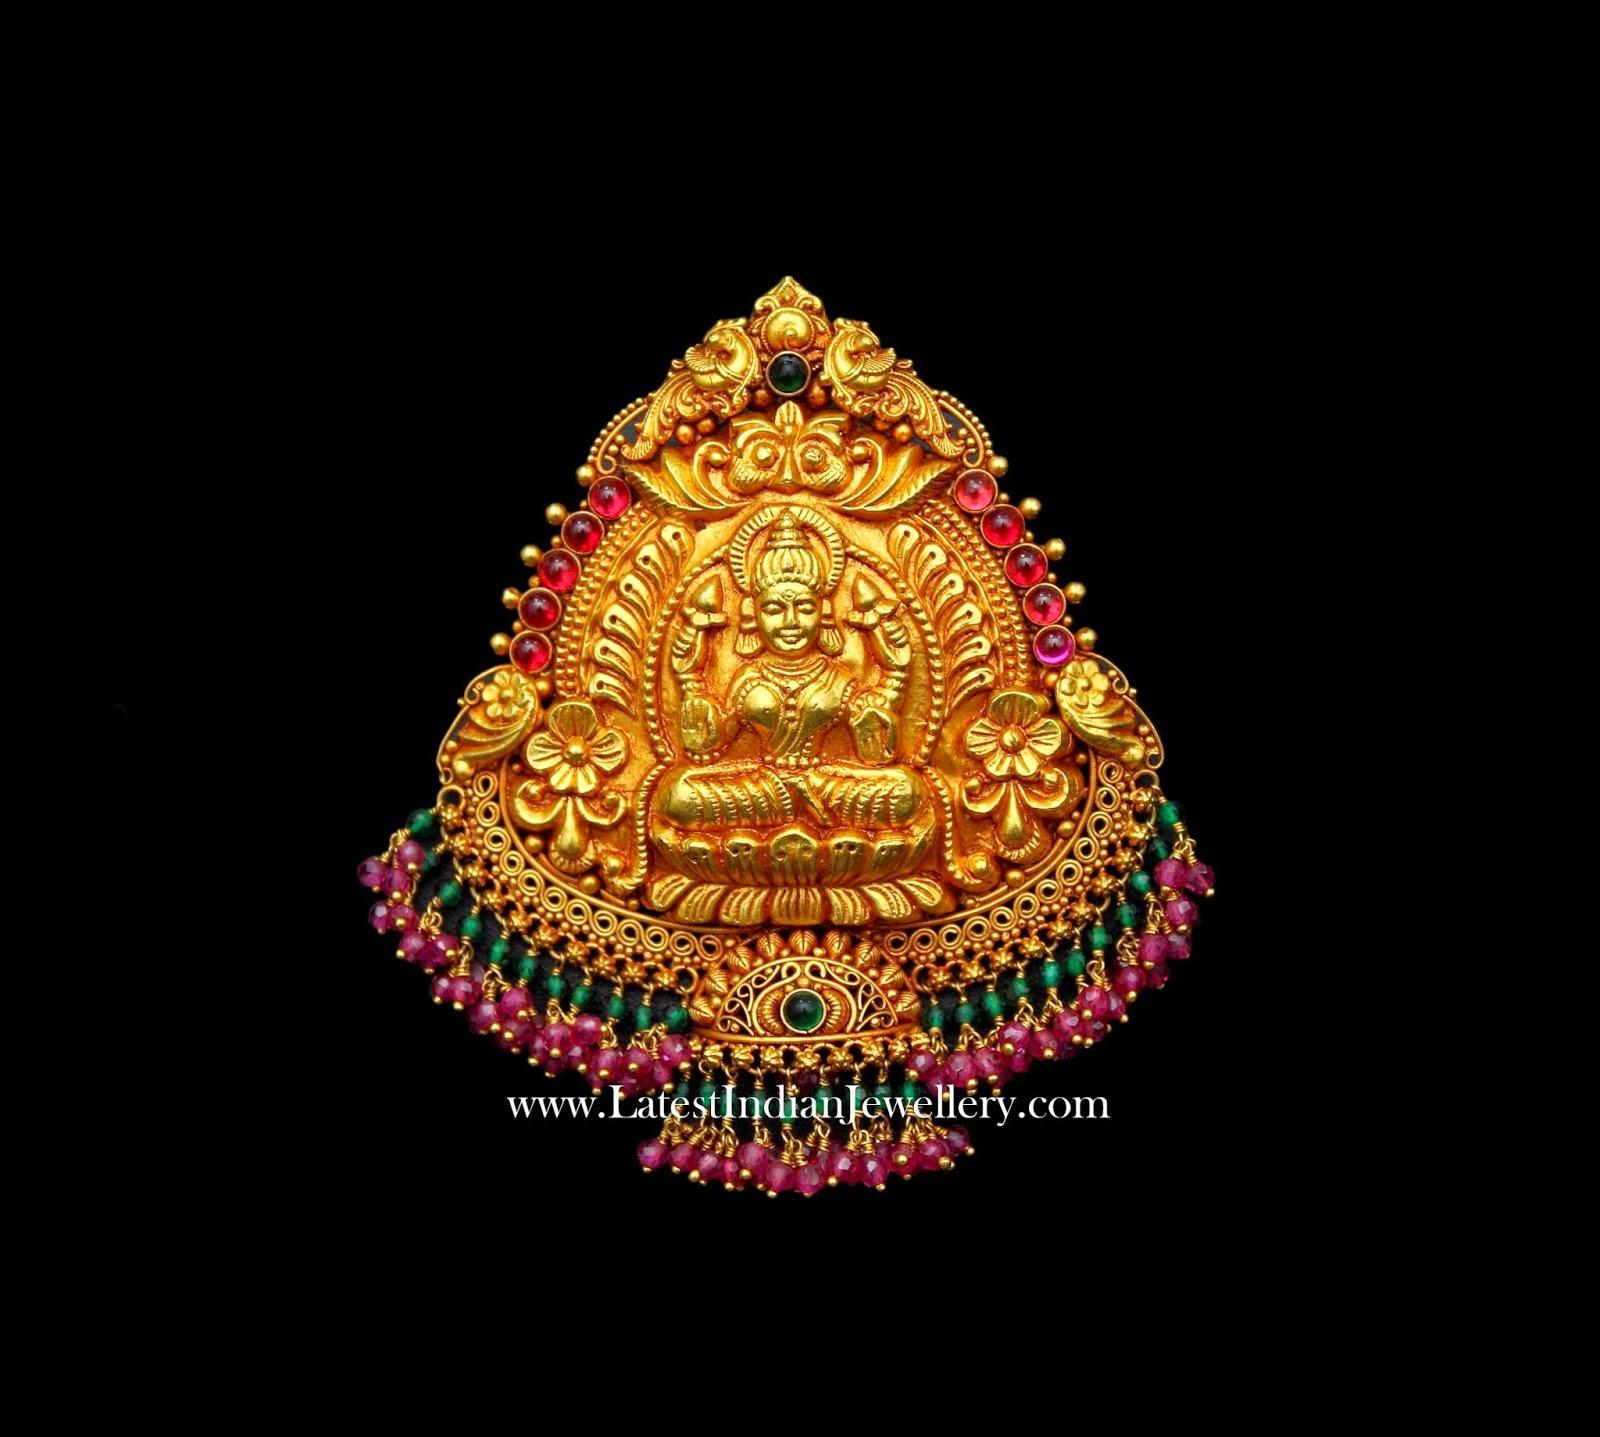 Lakshmi Pendant in 22k Gold